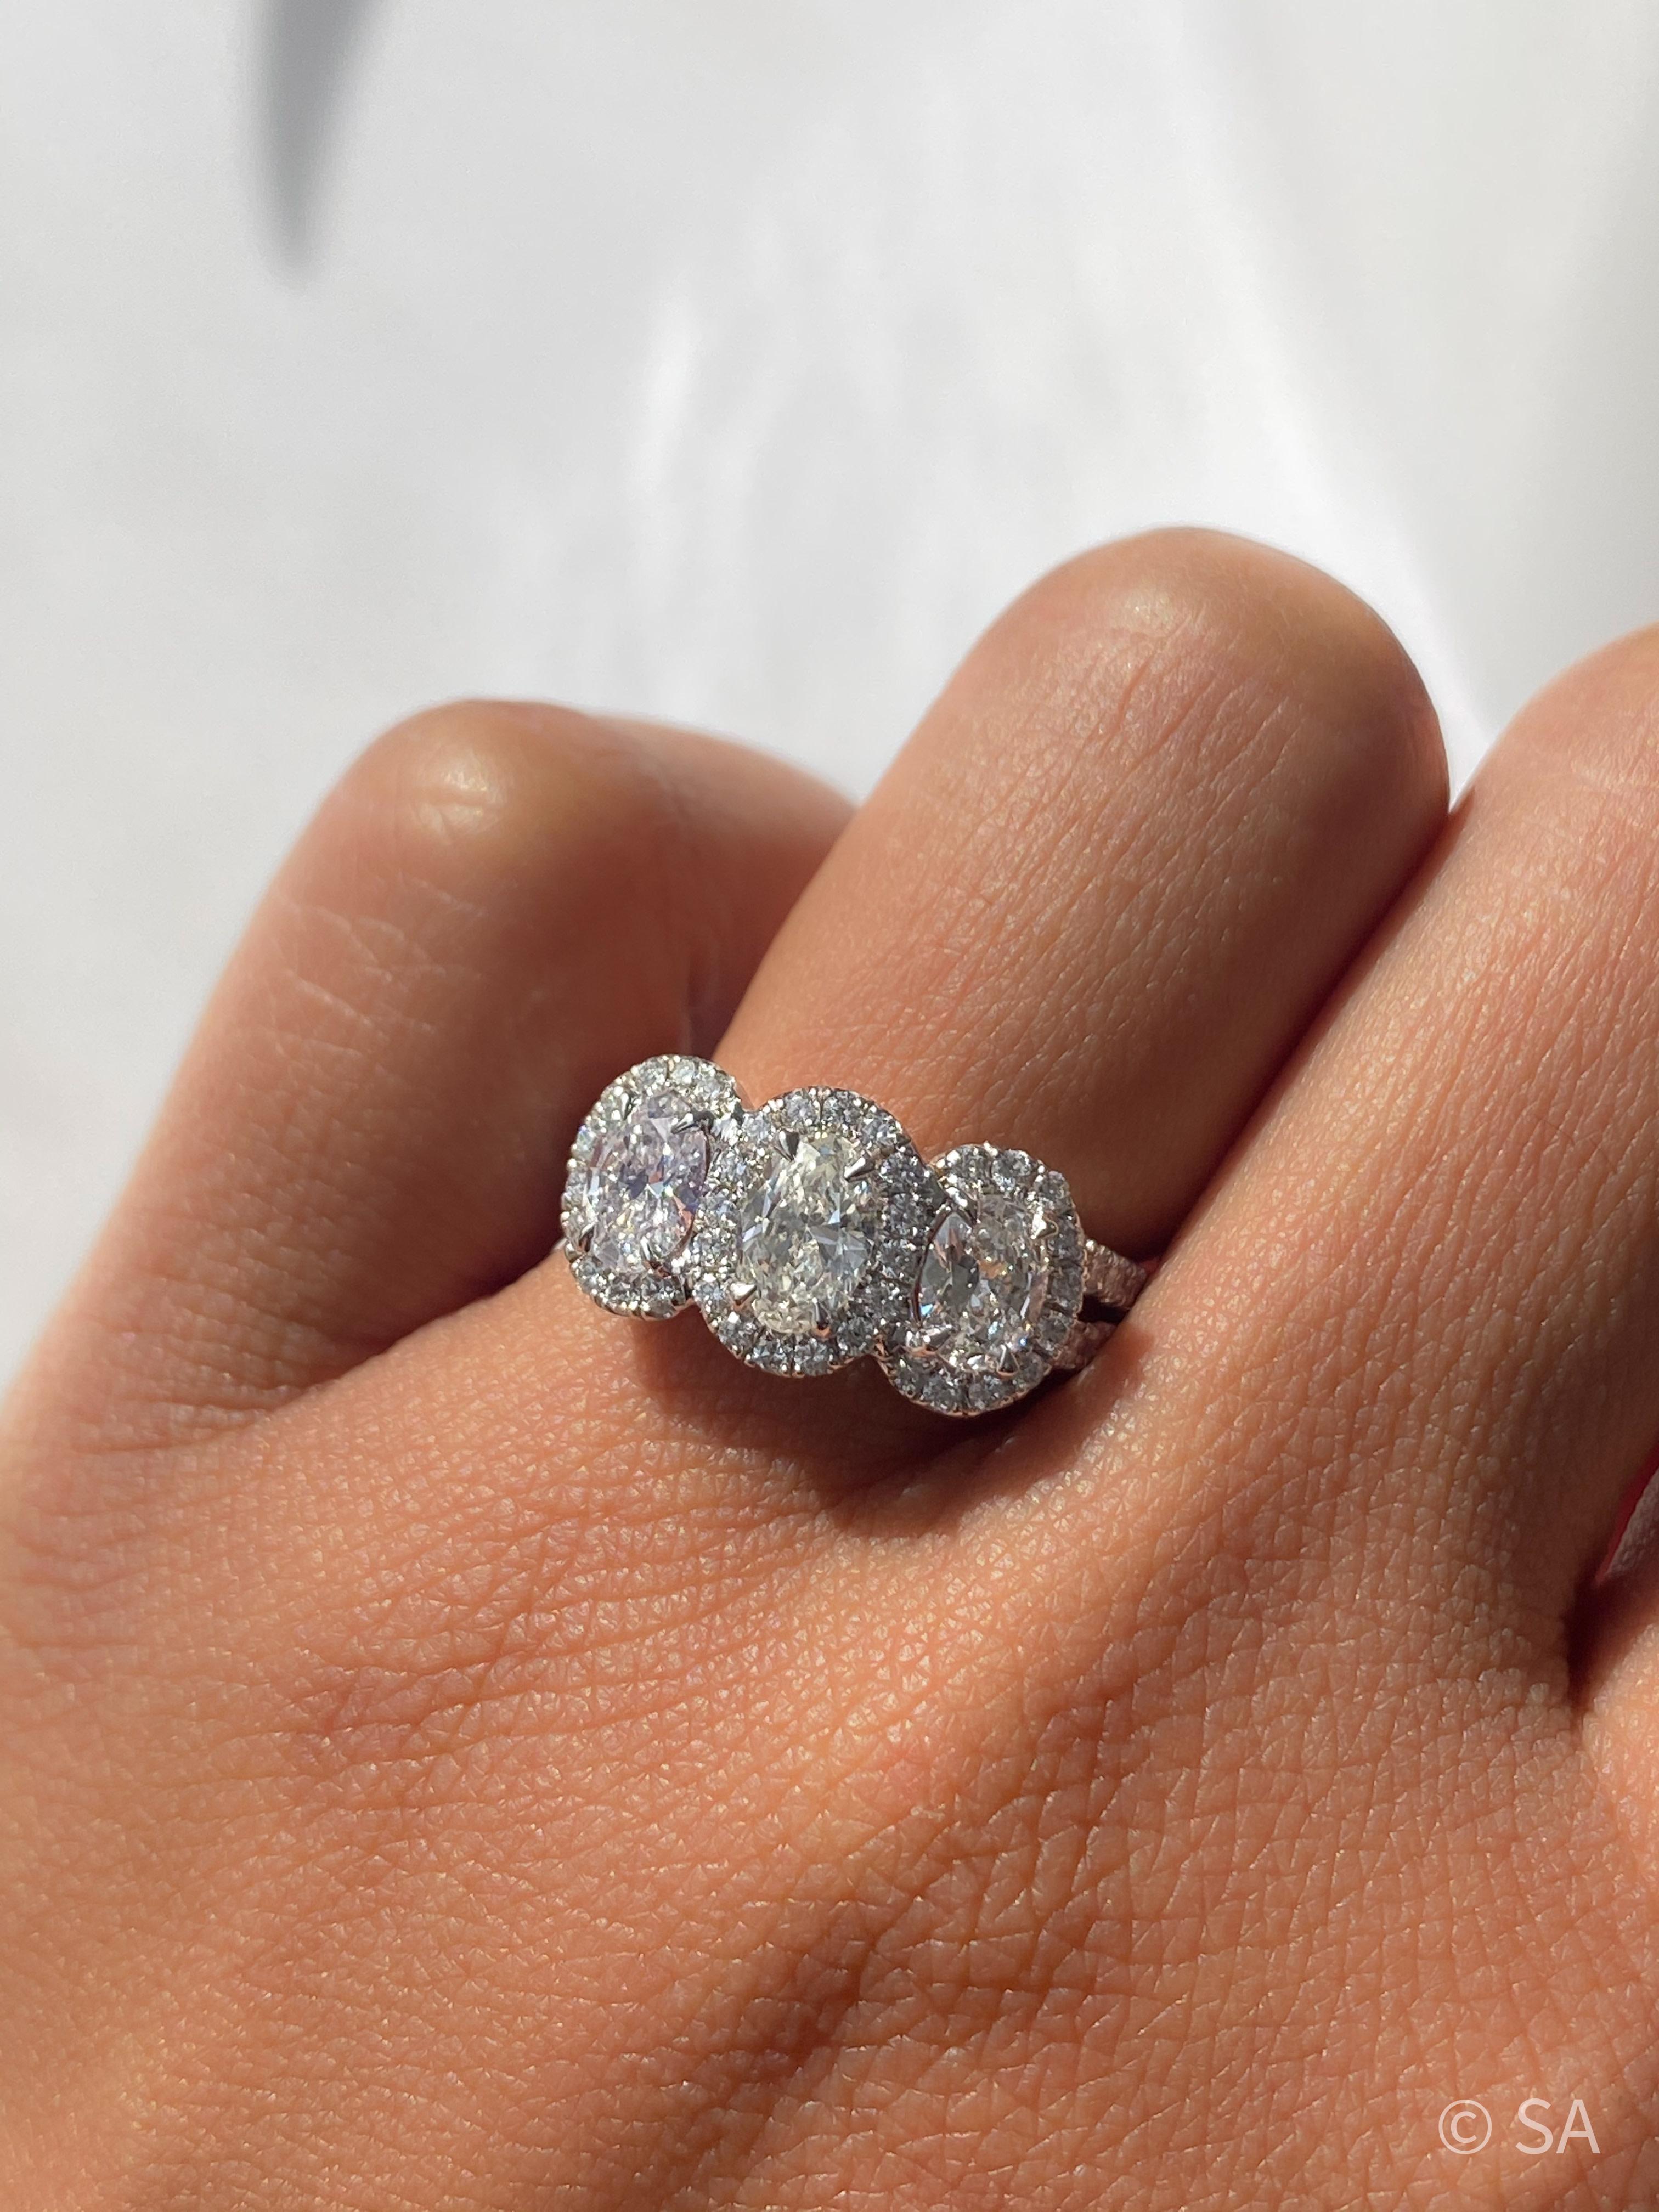 3 stone halo engagement ring on finger